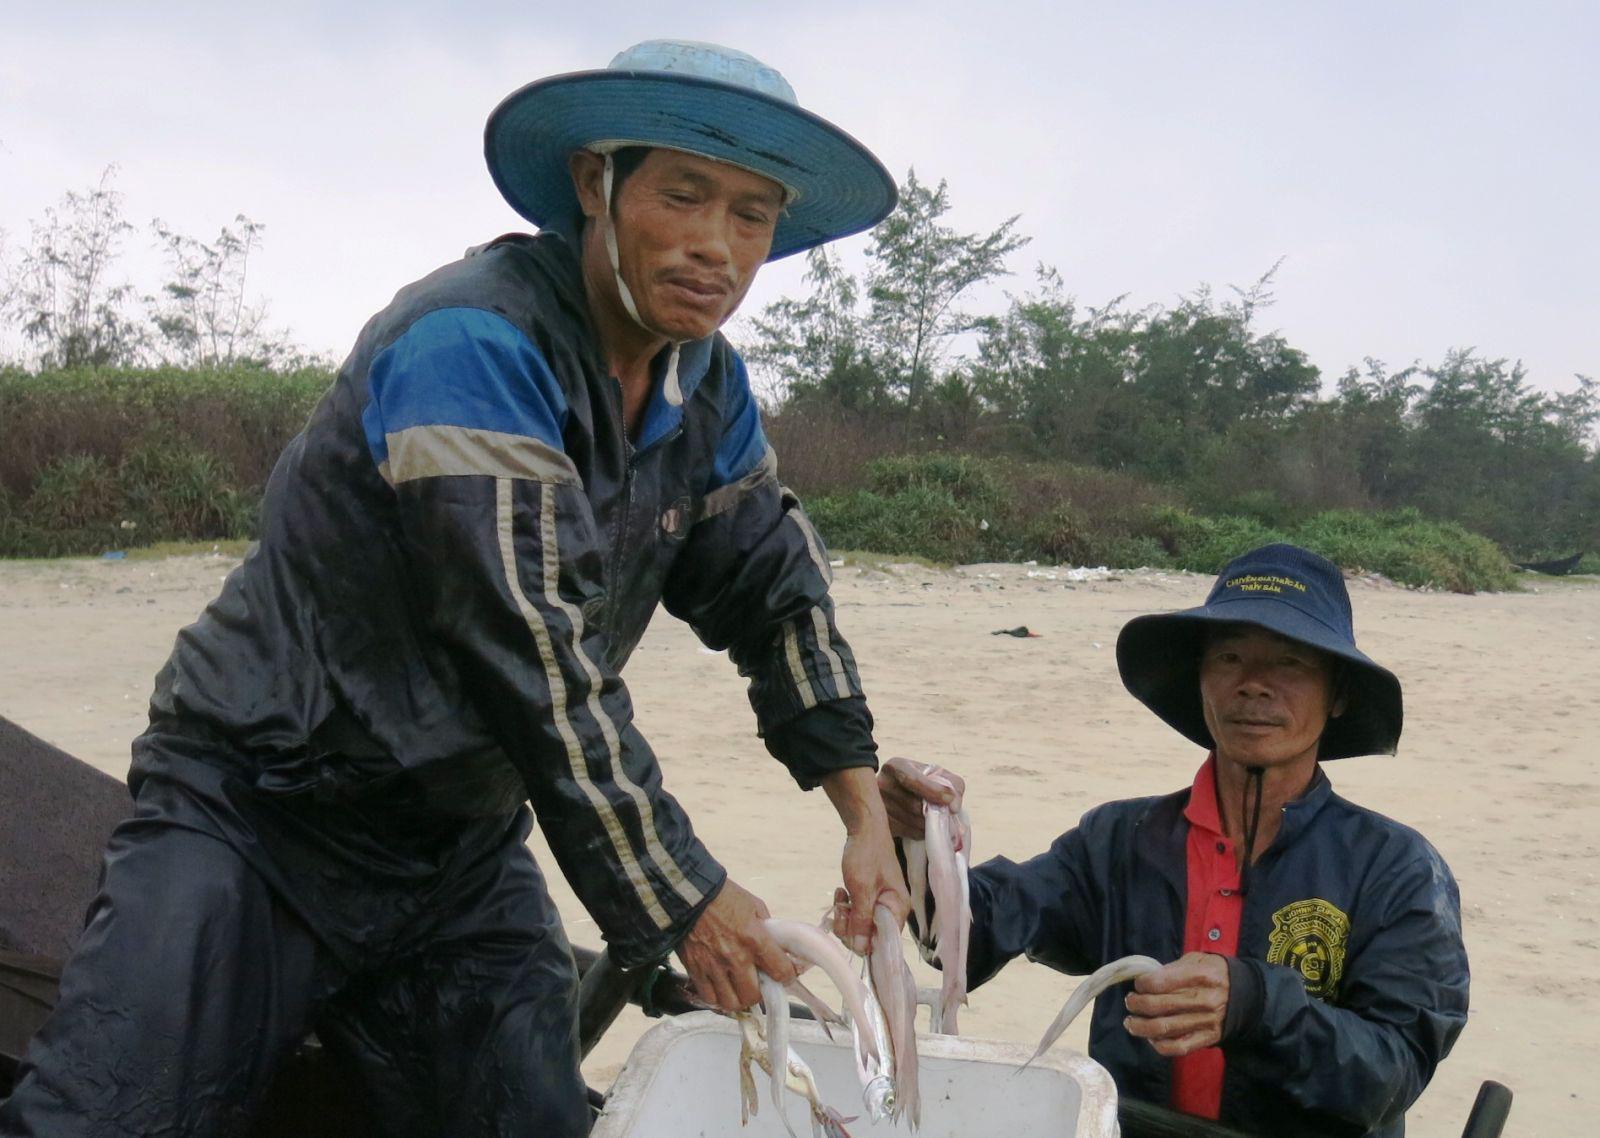 TT-Huế: Loài cá trước rẻ như cho nay thành đặc sản, có ngày trúng luồng cá dân kiếm được 30-50 triệu đồng - Ảnh 1.